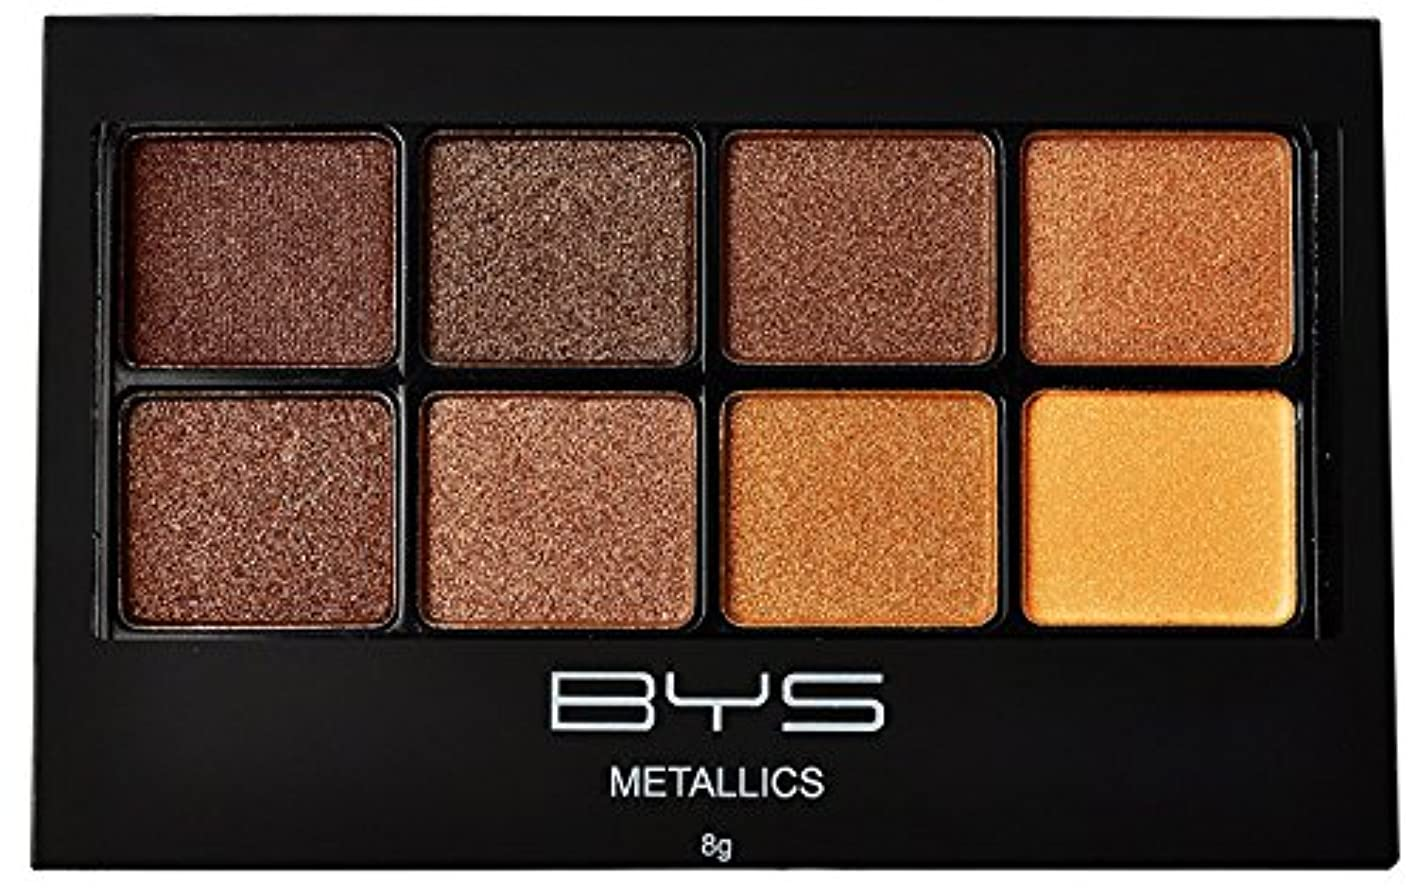 組み合わせ余裕があるピアースバイズ 8パレットメタリックアイシャドウ # Metallics Browns